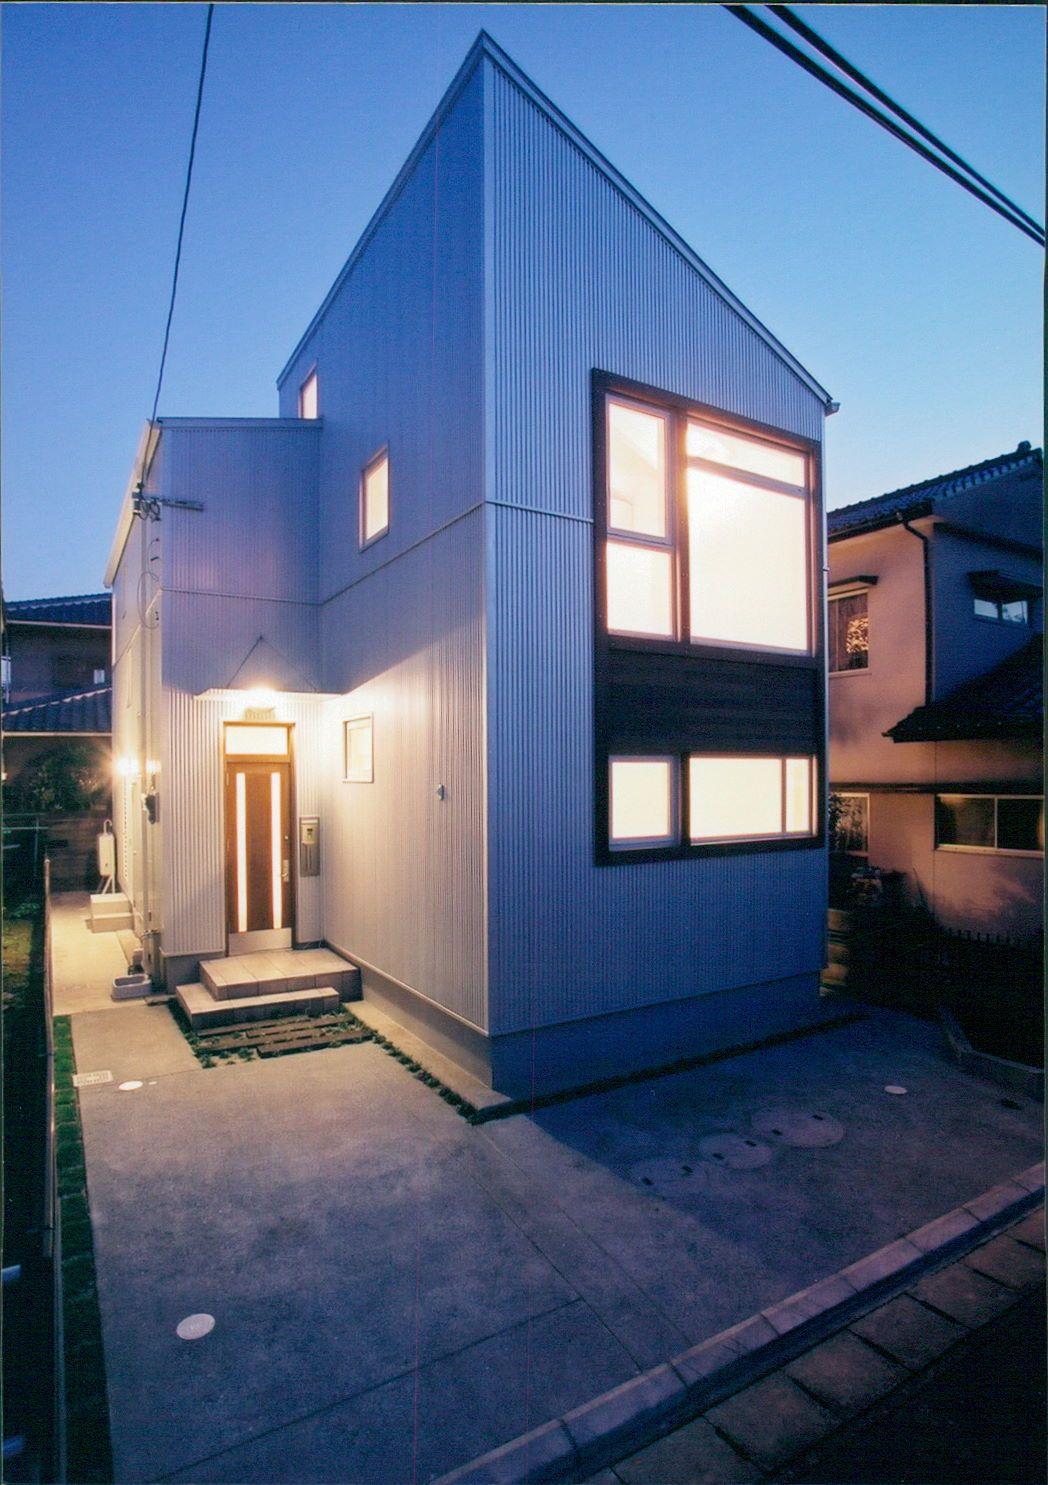 アクティブデザインが手がけた新築住宅 画像あり 中庭のある家